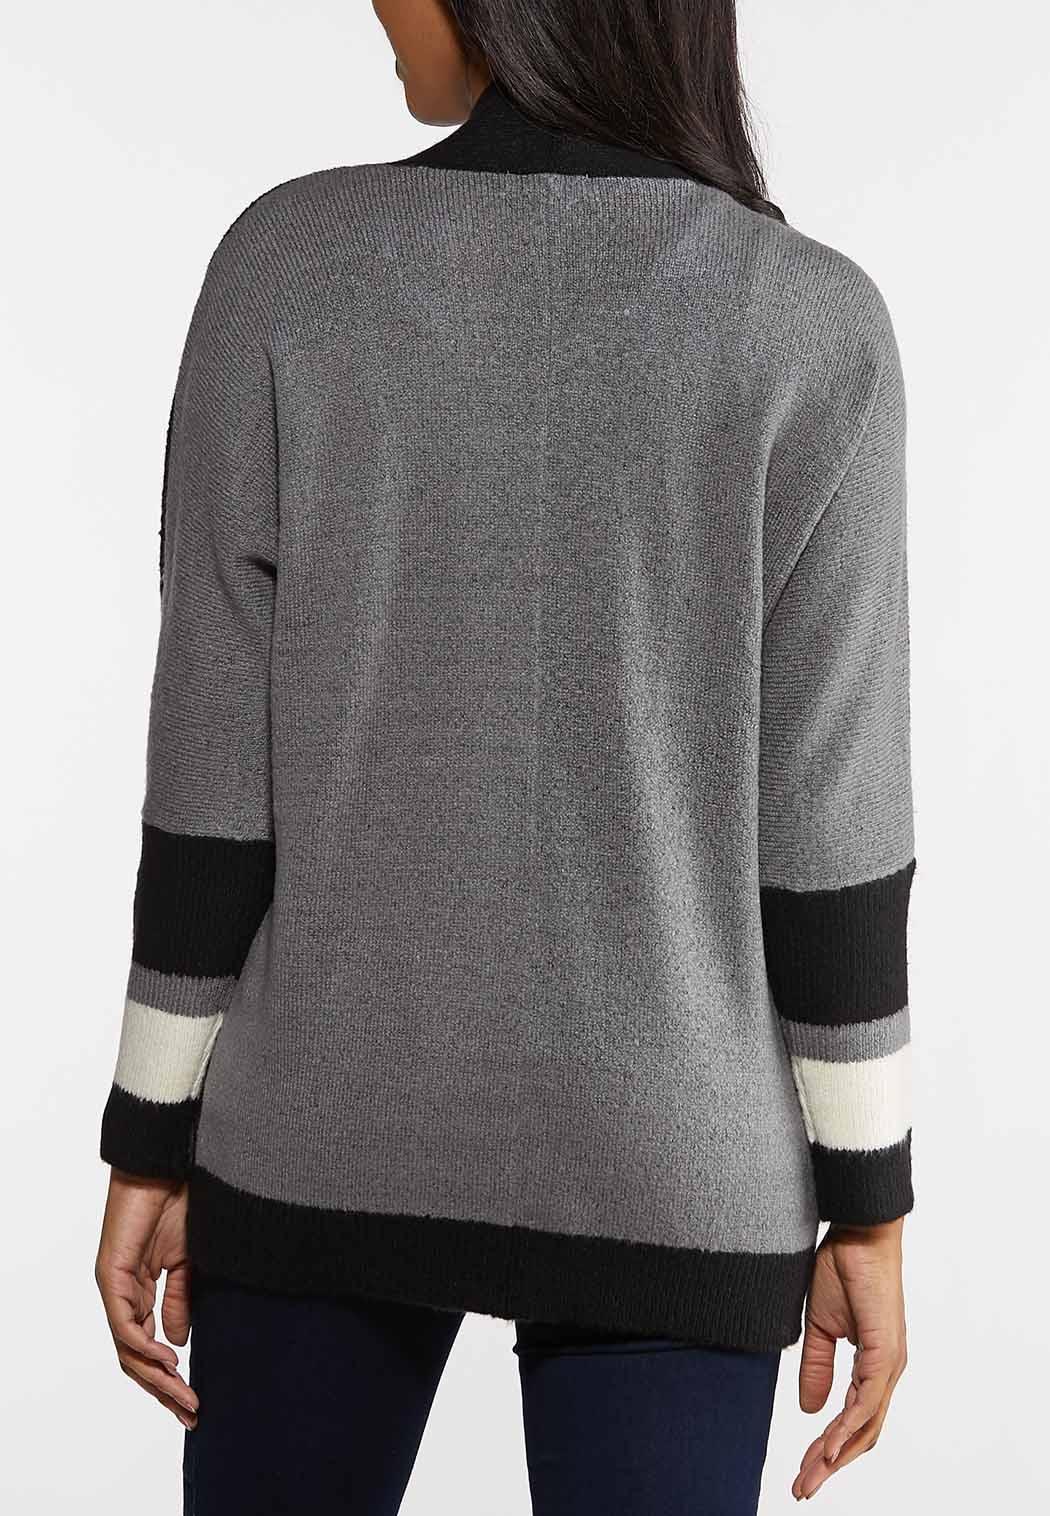 Gray Skies Cardigan Sweater (Item #44106796)